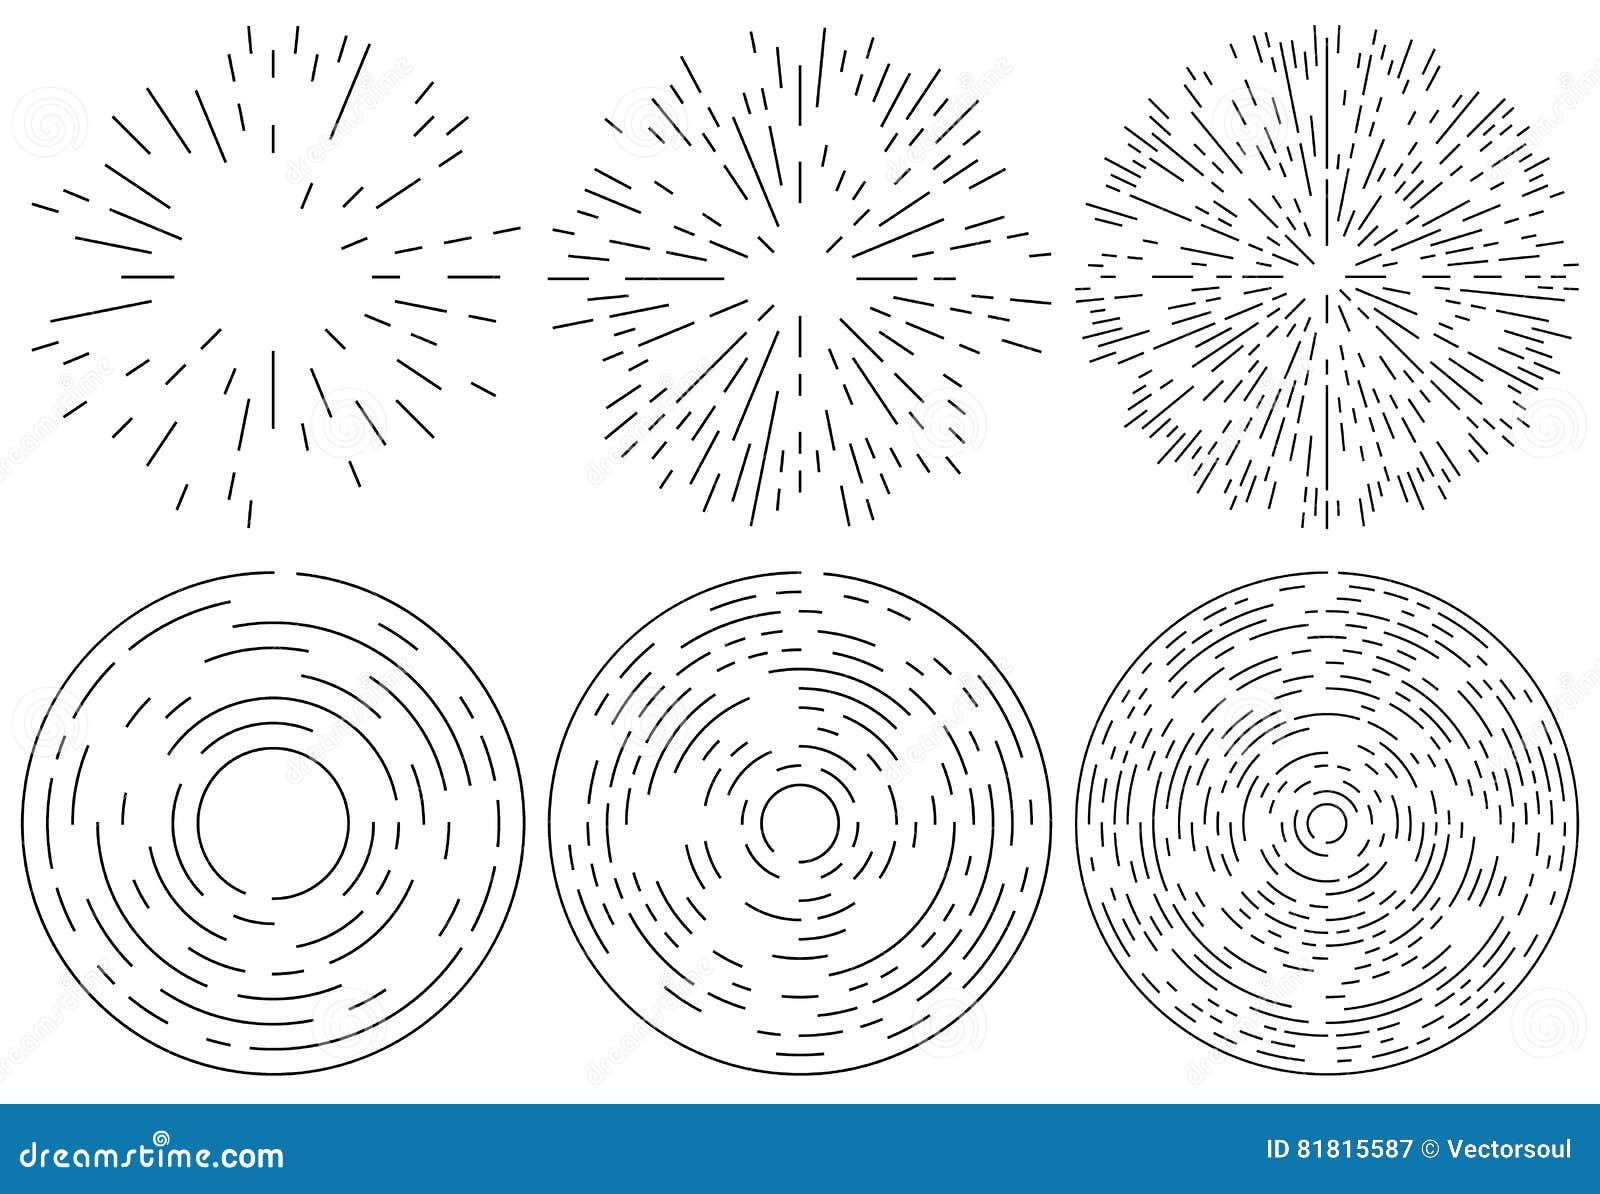 Reeks van het uitstralen en concentrisch lijnenelement Willekeurig, onregelmatig